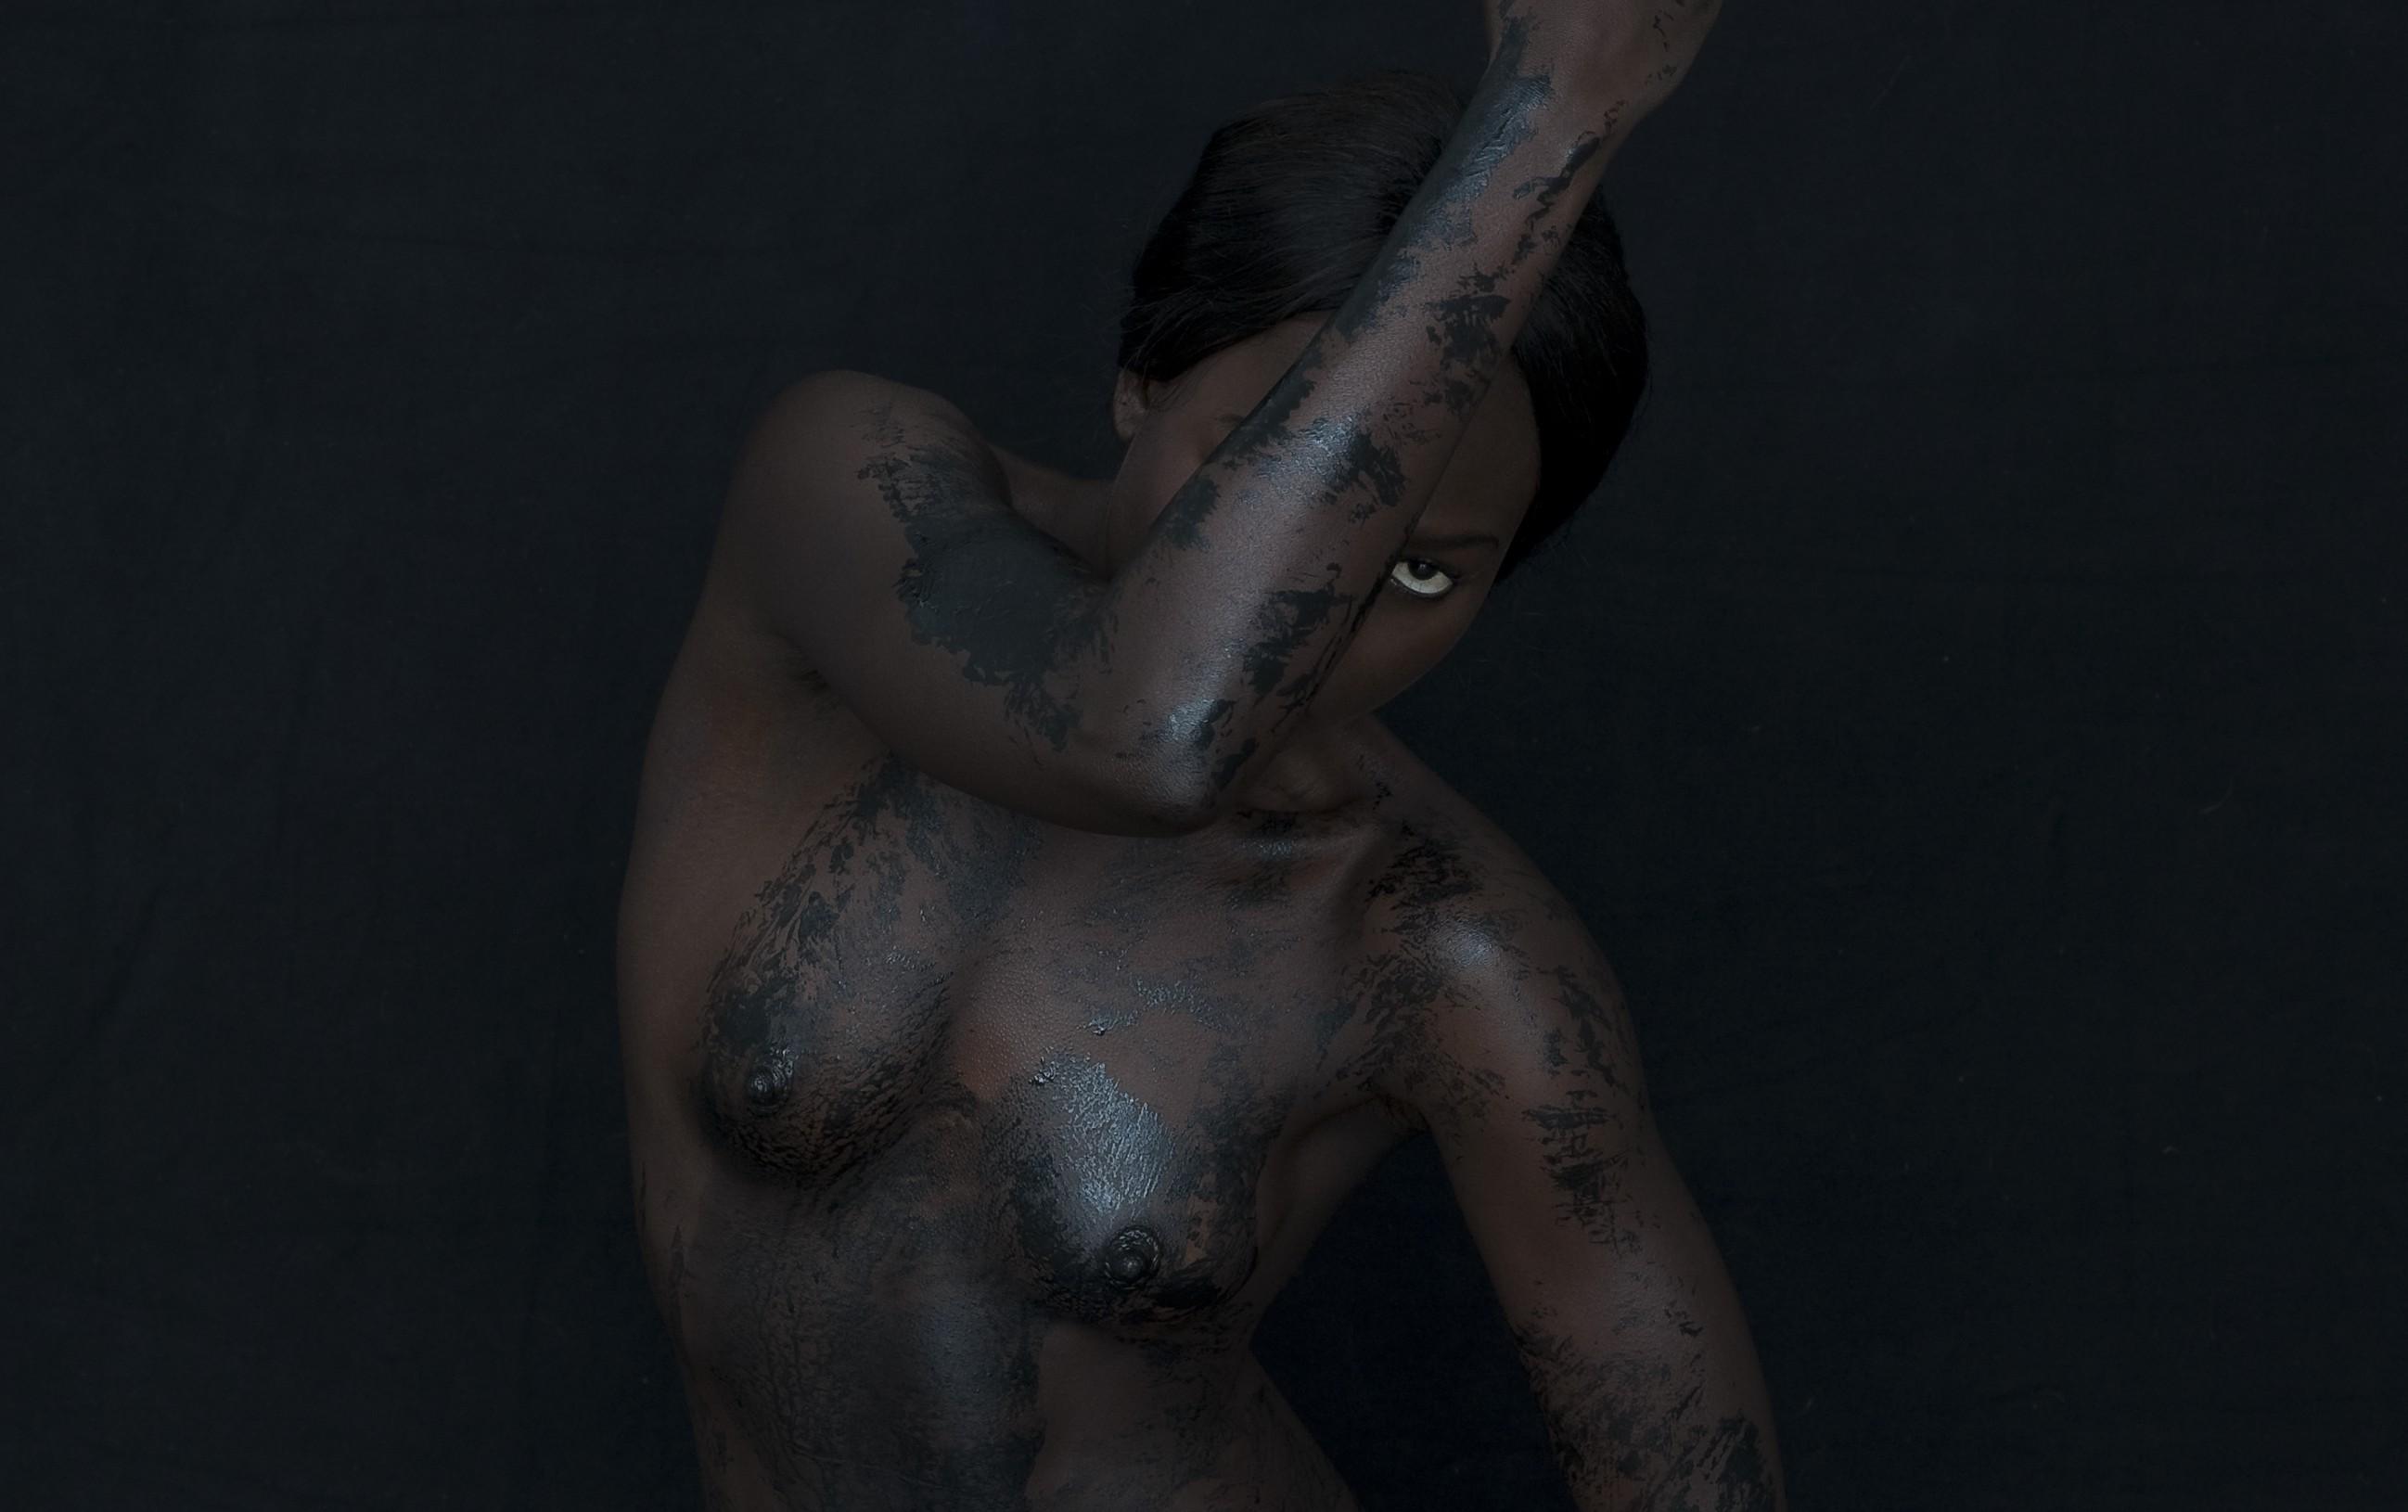 Porno lesbian silk